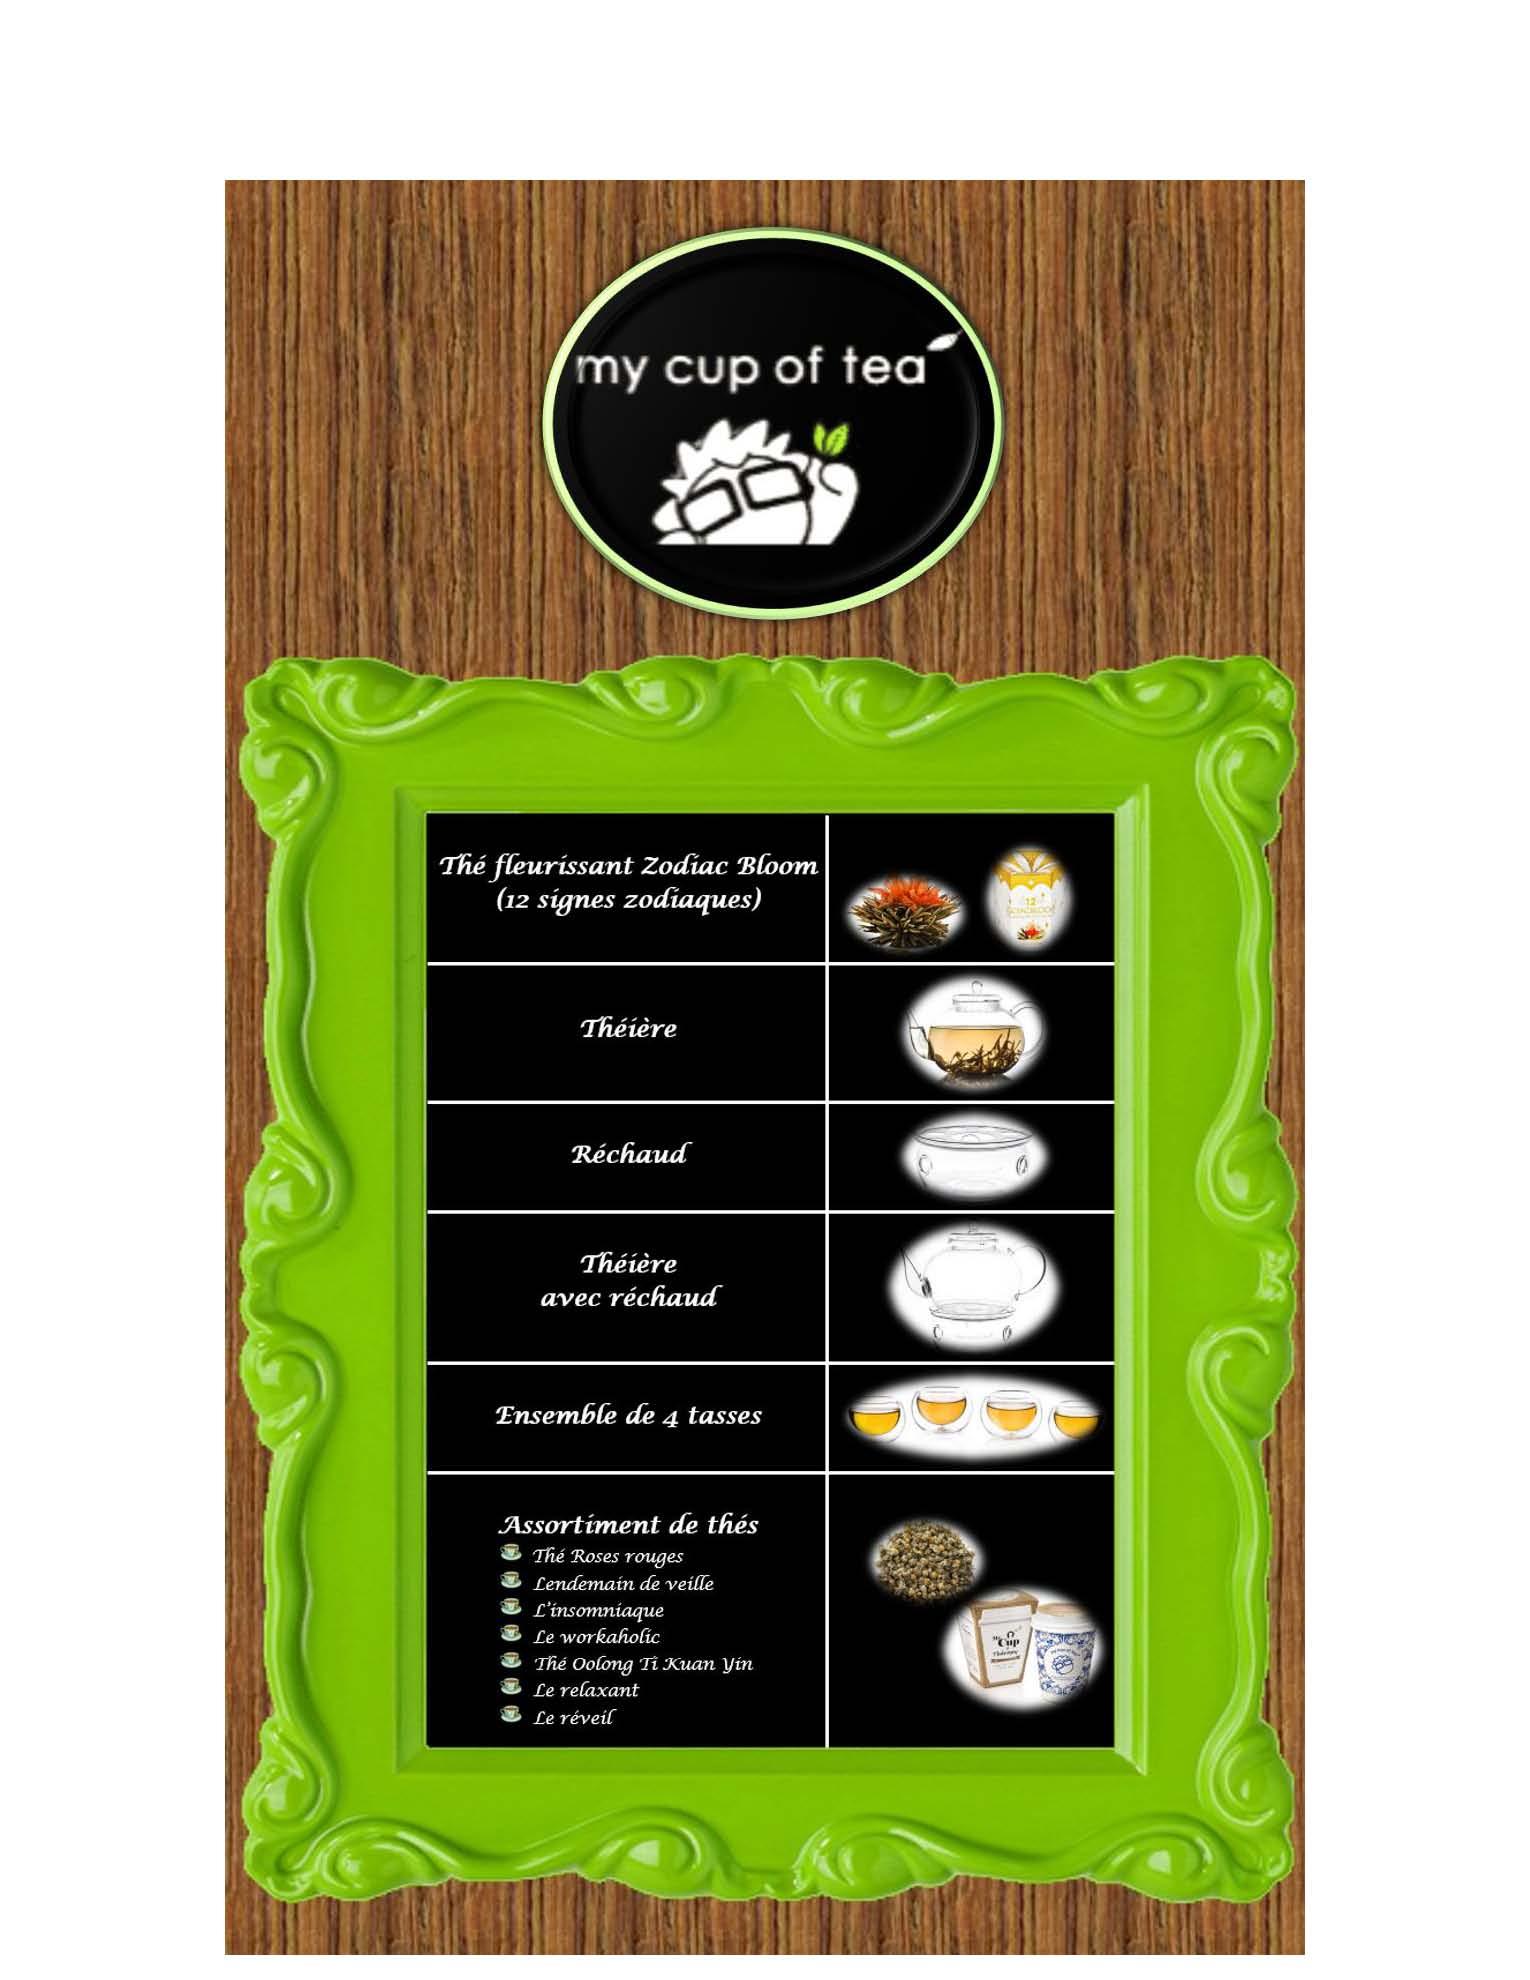 Produits thé - site web